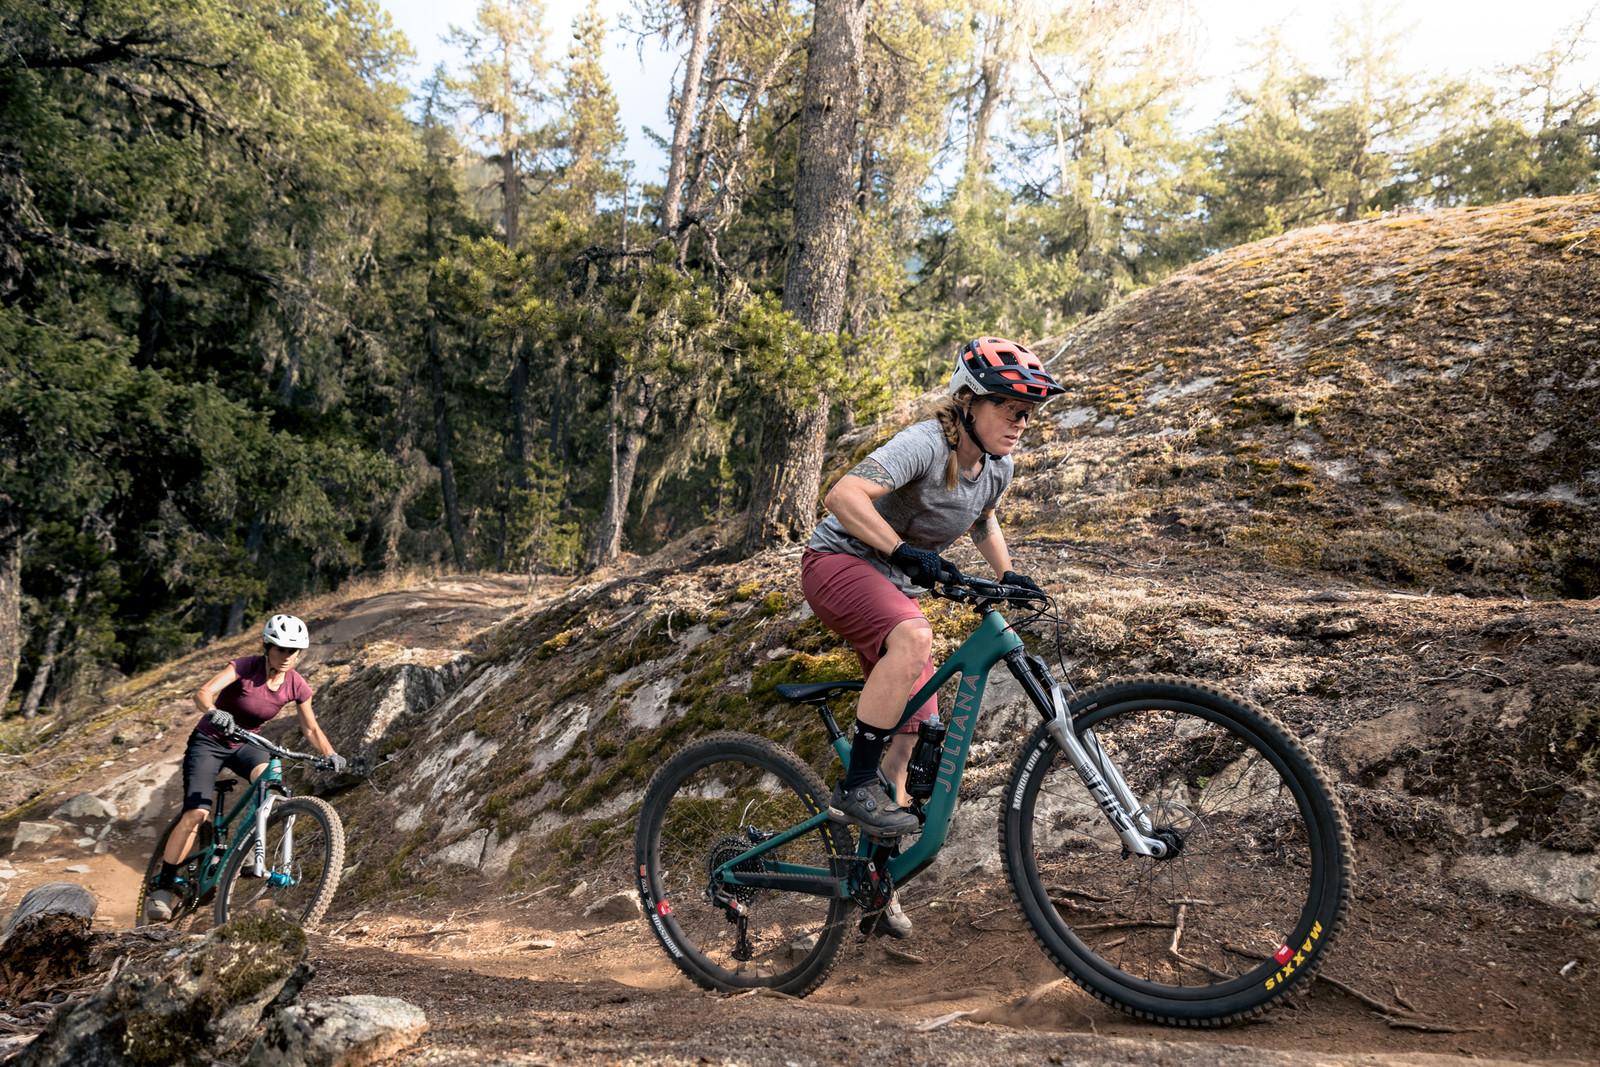 2020 Juliana Joplin - Up Close & In Action - 2020 Juliana Joplin - Up Close & In Action - Mountain Biking Pictures - Vital MTB